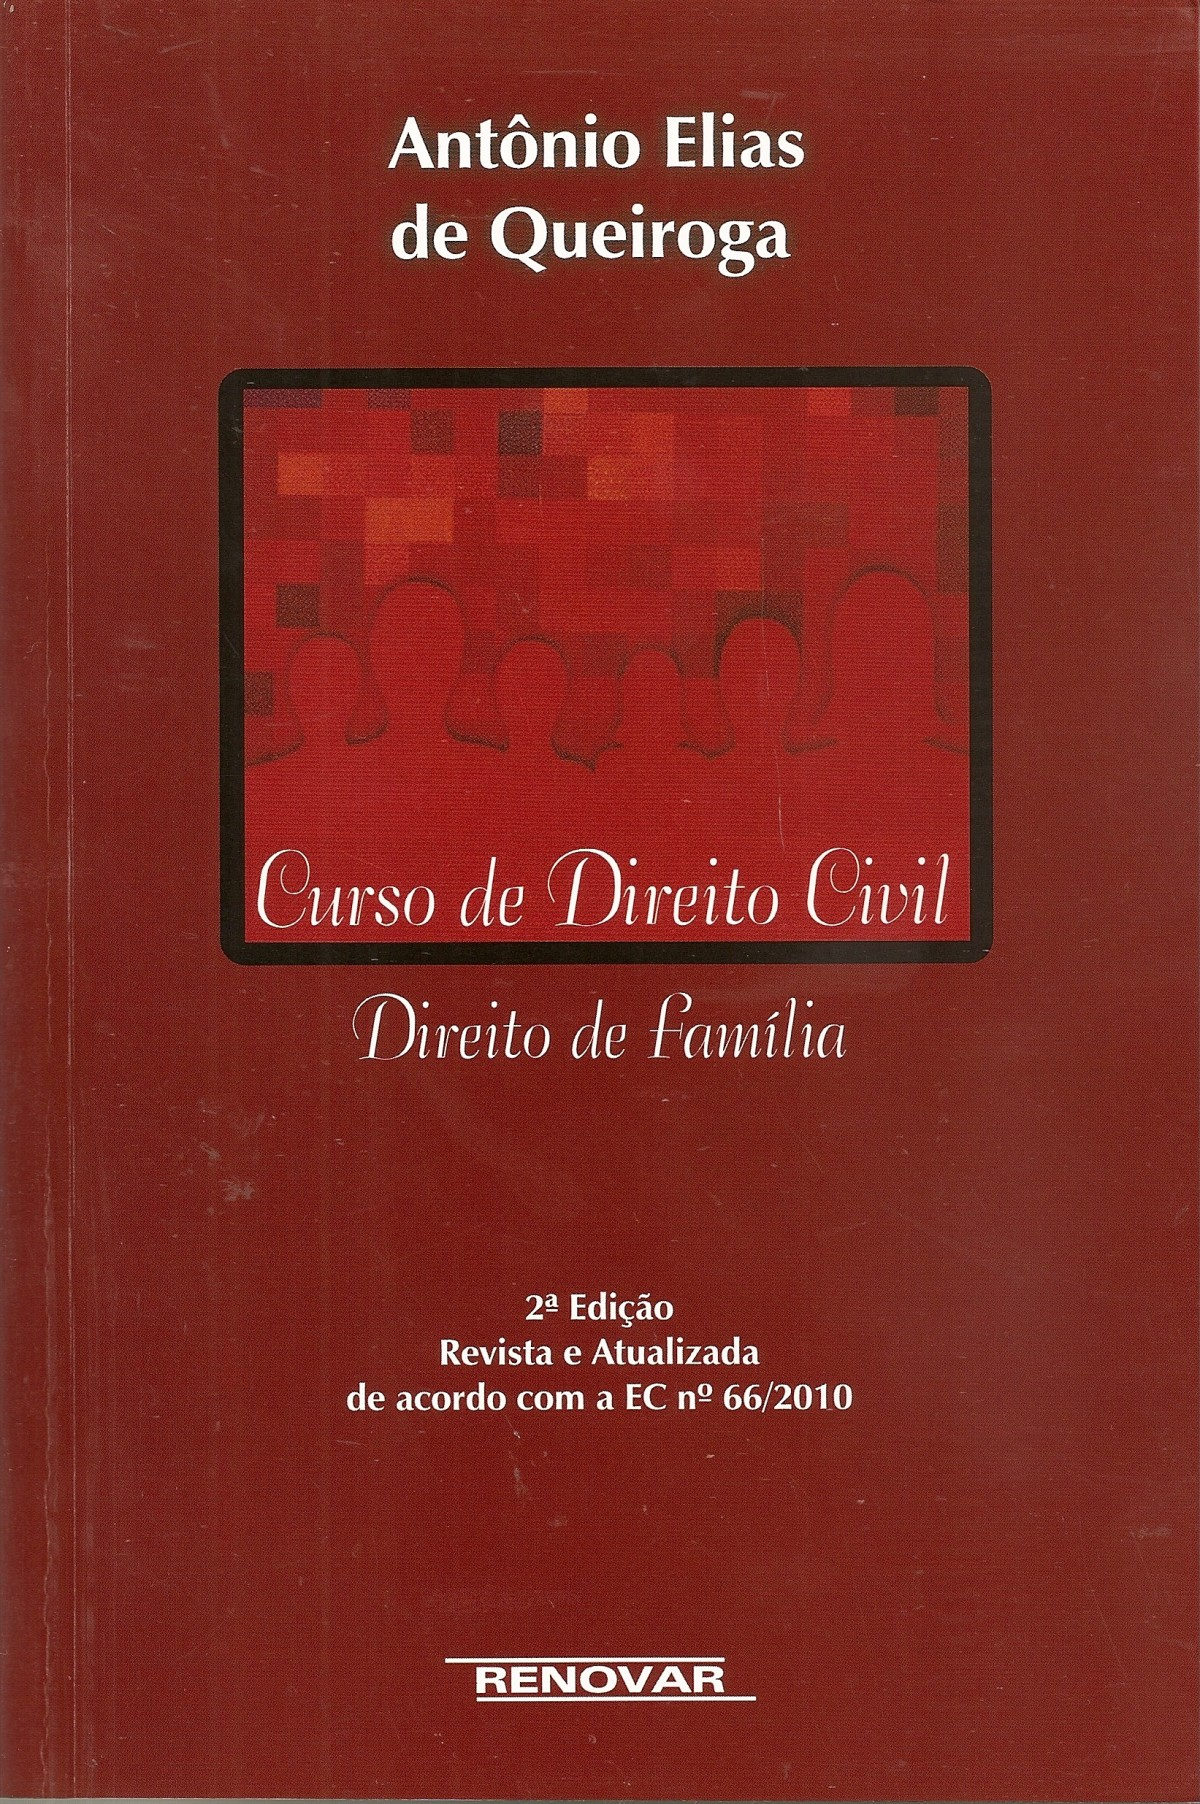 Foto 1 - Curso de Direito Civil - Direito de Família